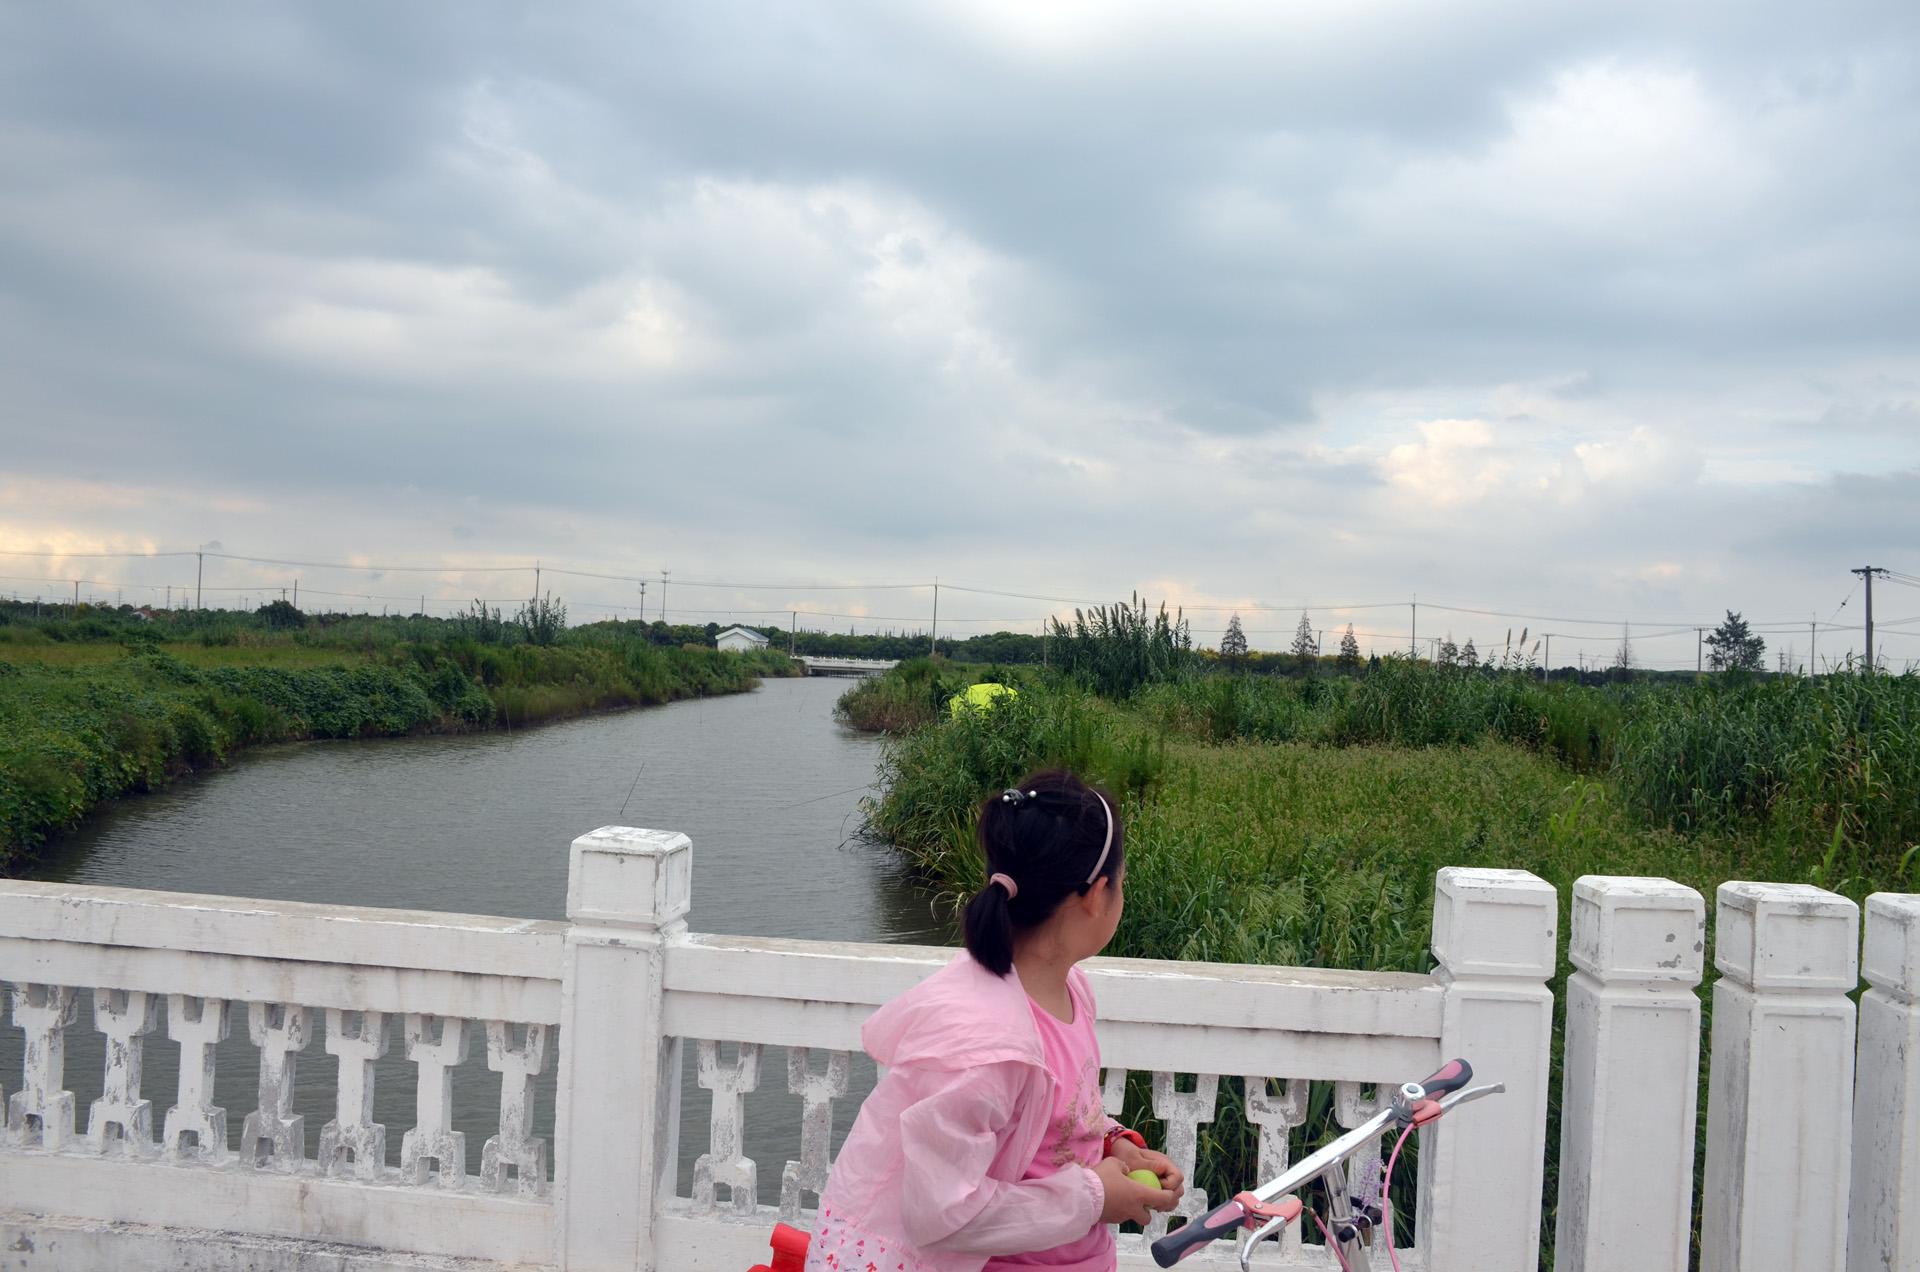 远景多角度太仓海天禅寺红庙的宏伟和江南缥缈正在建设的后殿 这里是太仓 摄影 第15张